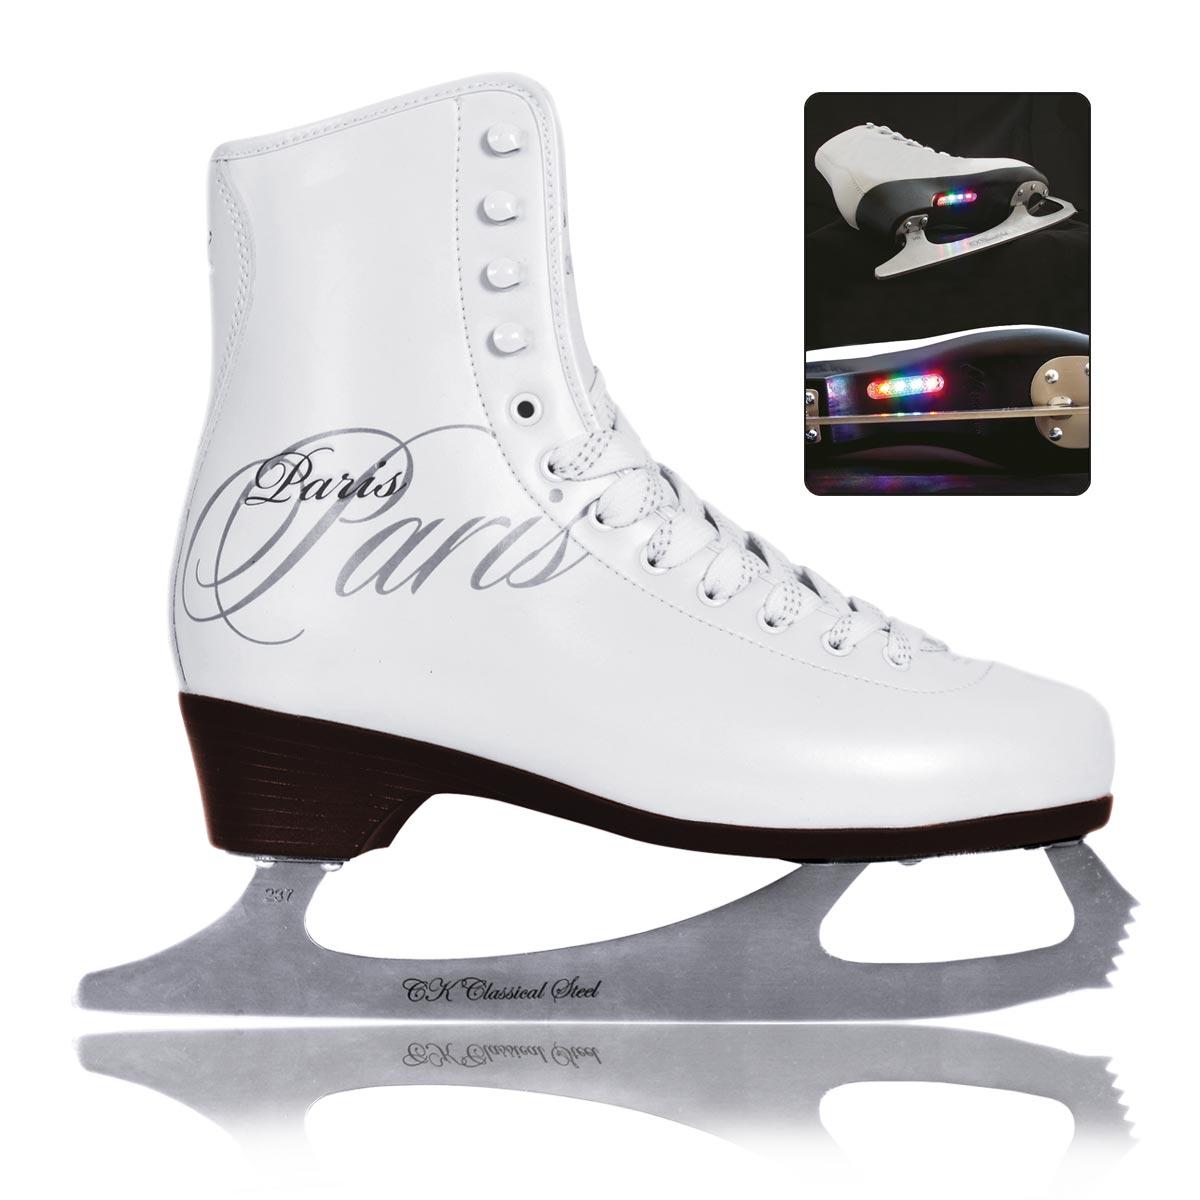 Коньки фигурные для девочки CK Paris Lux Tricot, цвет: белый. Размер 34PARIS LUX tricot_белый_34